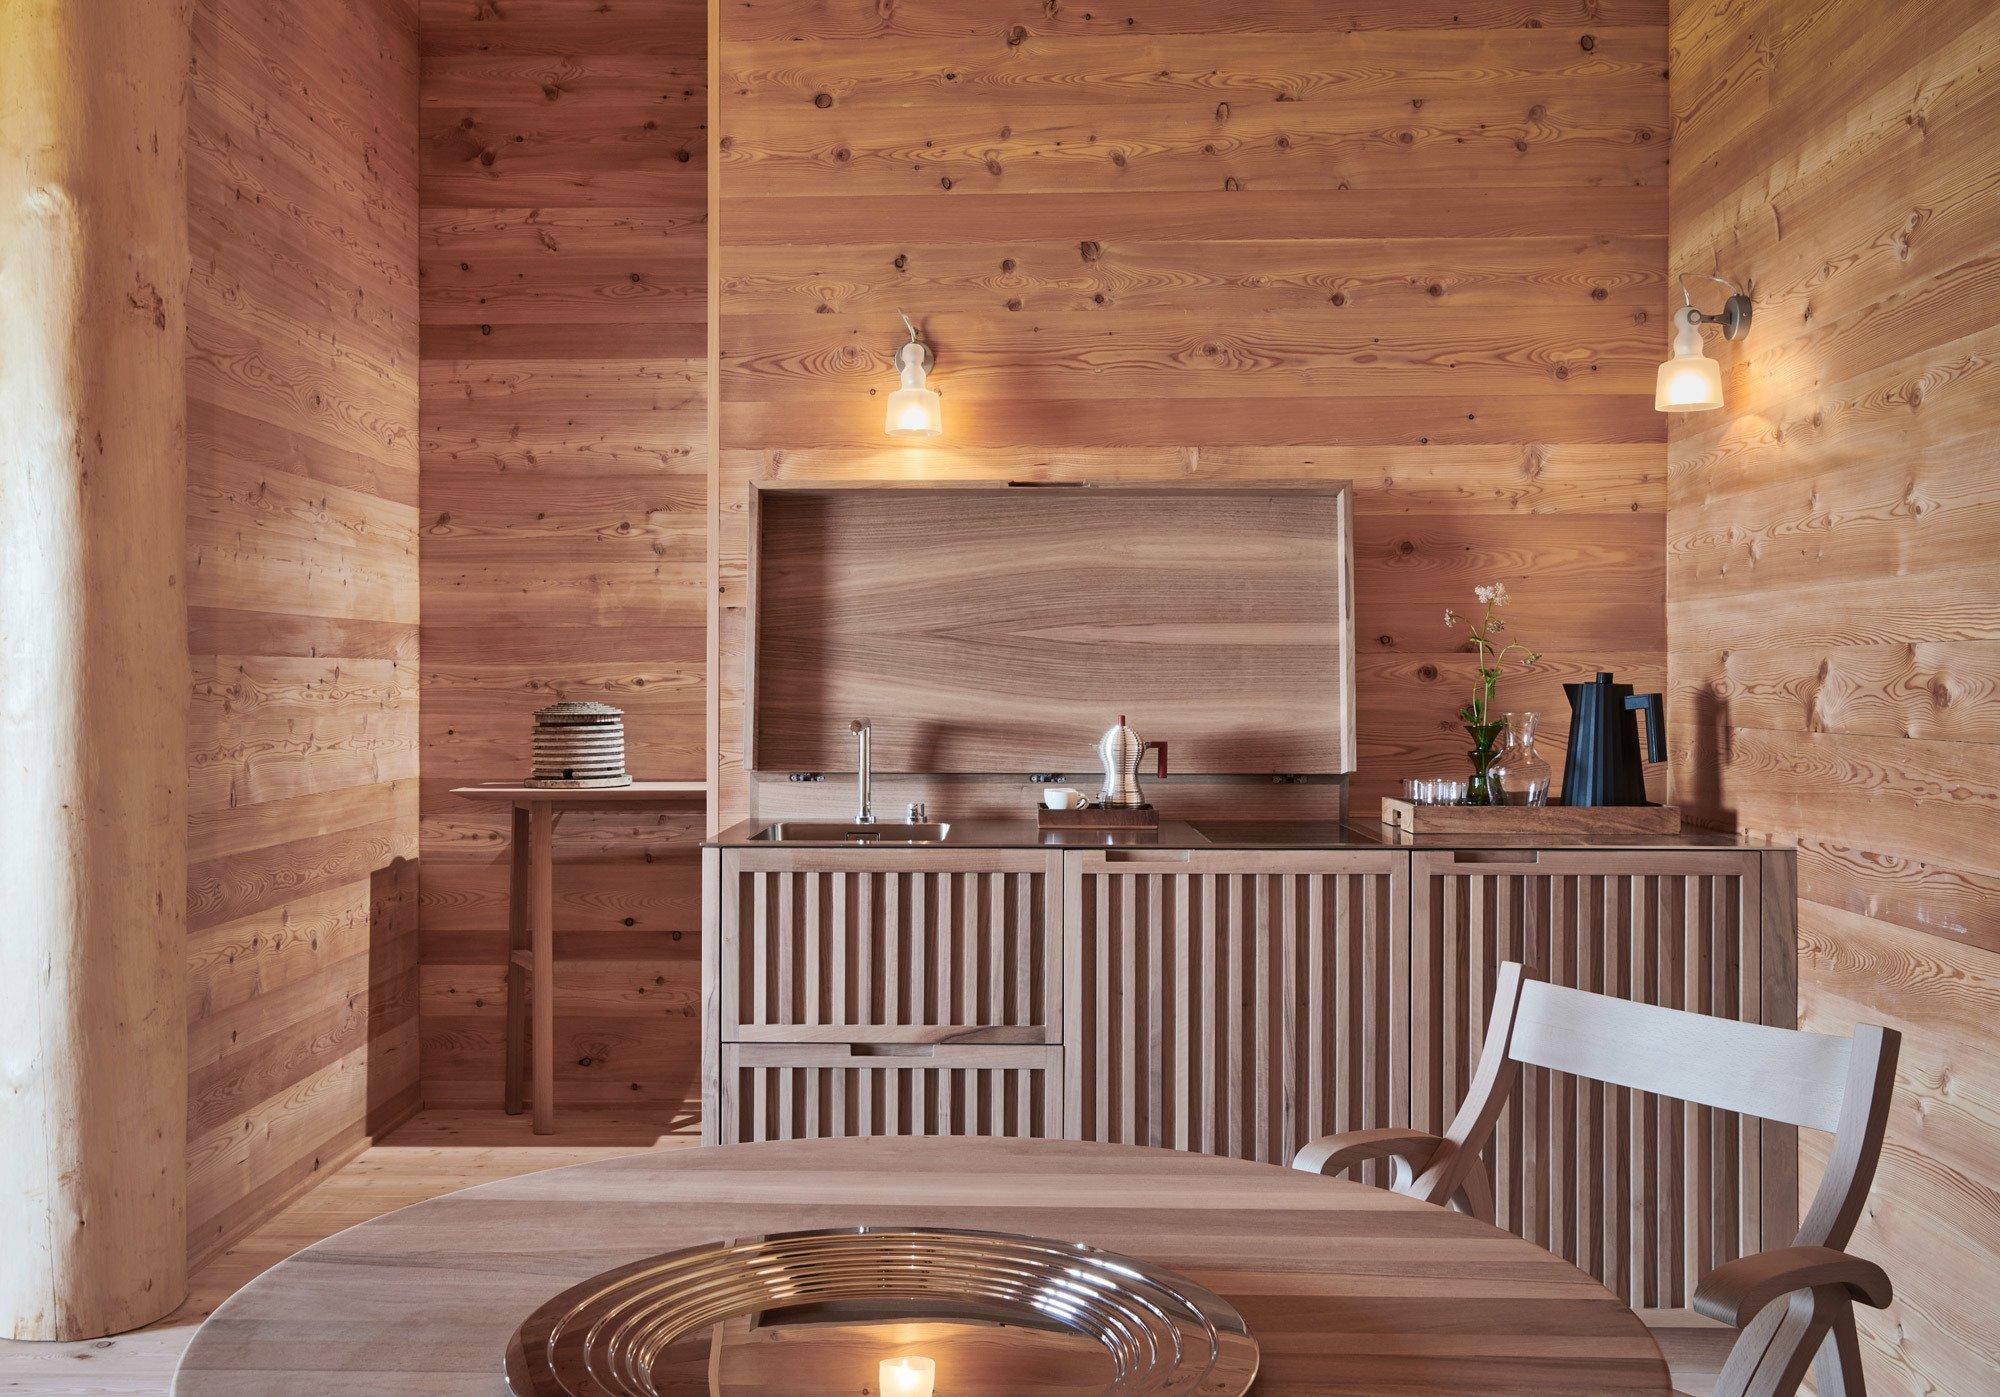 Pantry-Küche aus Nussbaumholz. Foto: Max Rommel